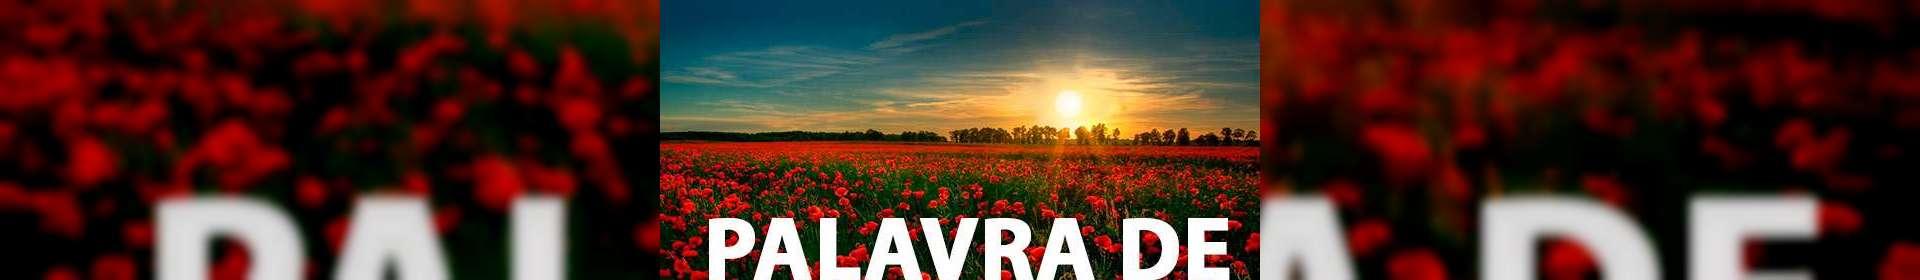 Salmos 23:6 - Uma Palavra de Esperança para sua vida